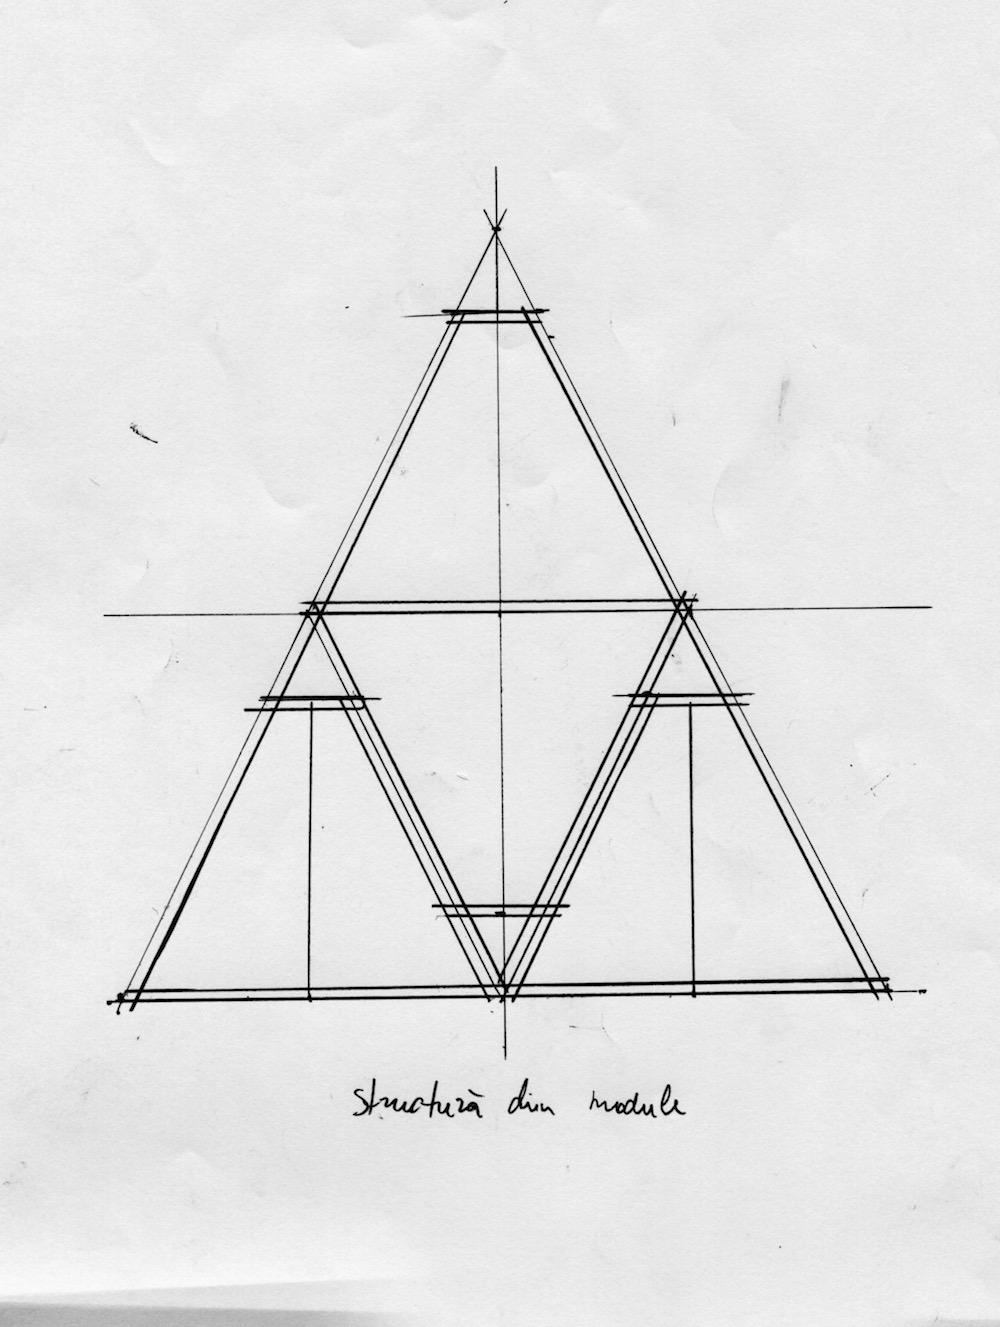 structura din module